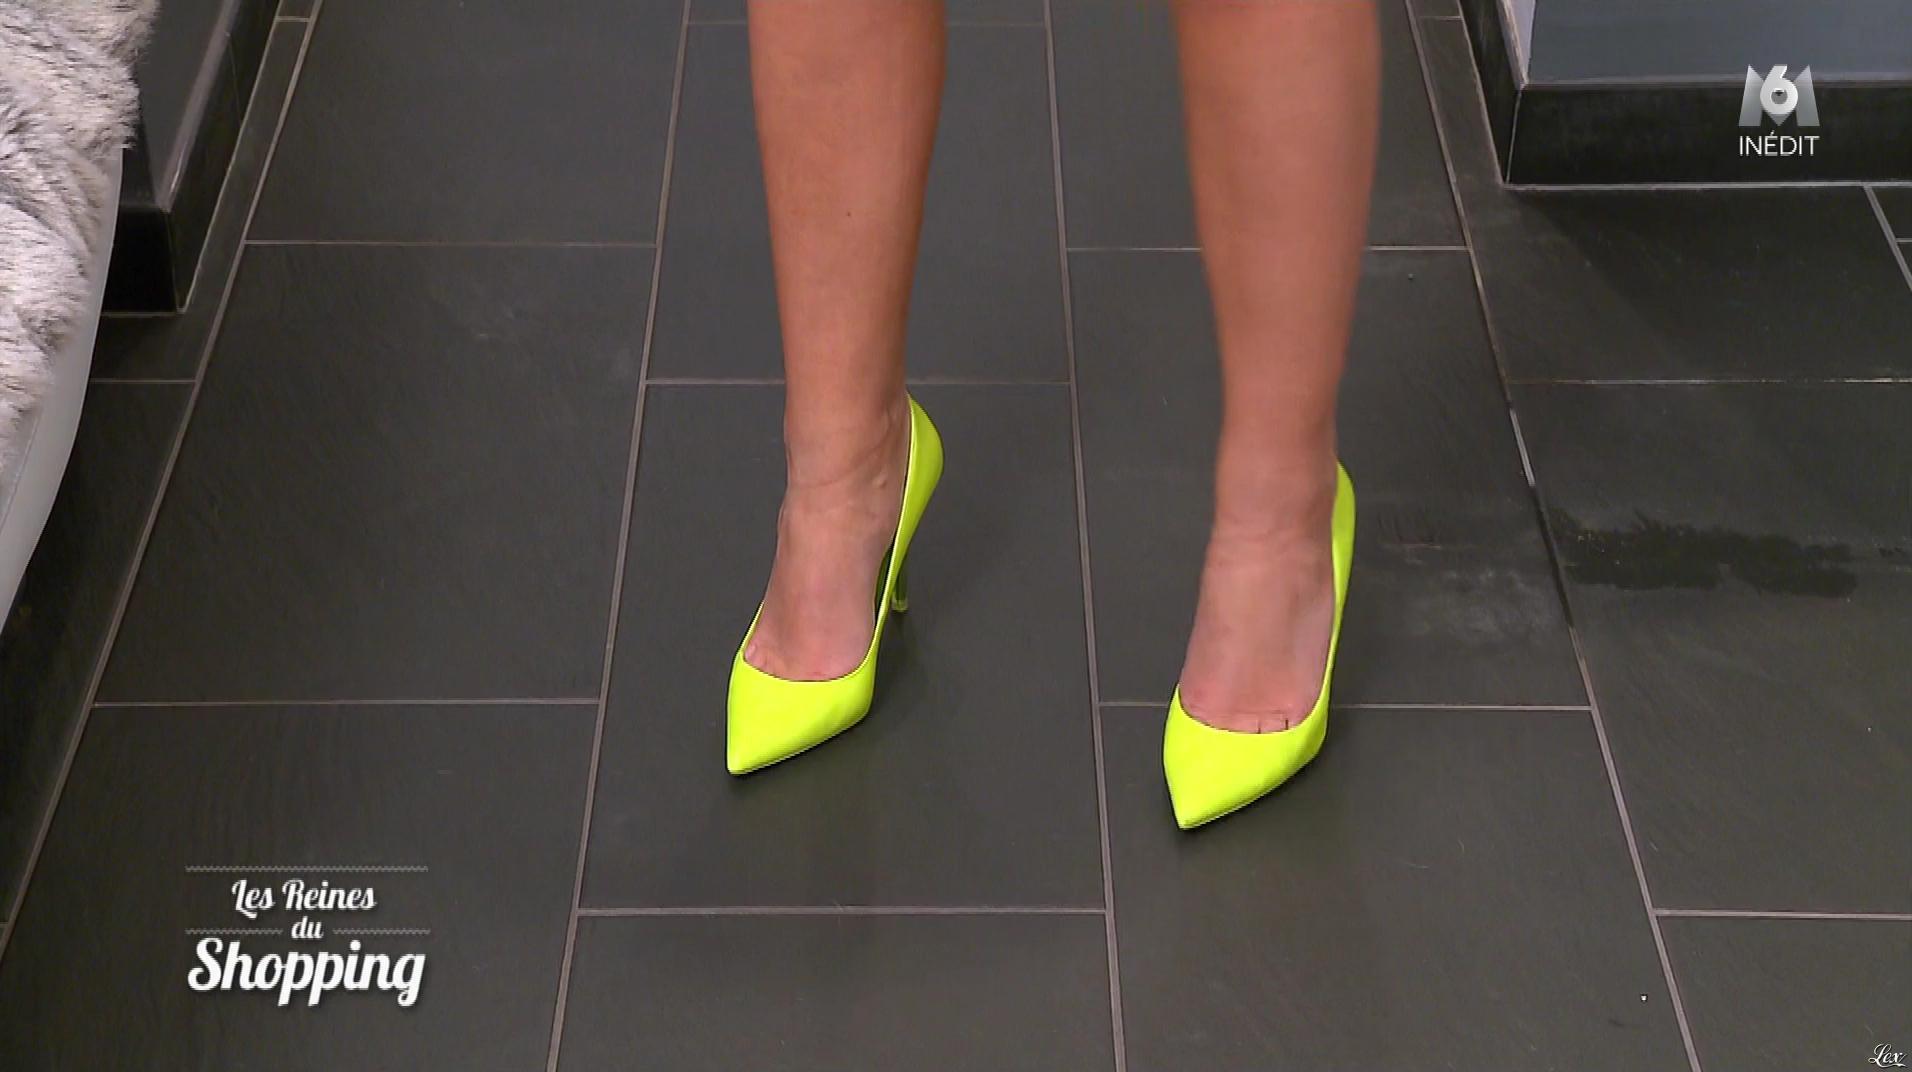 Une Candidate dans les Reines du Shopping. Diffusé à la télévision le 17/01/17.